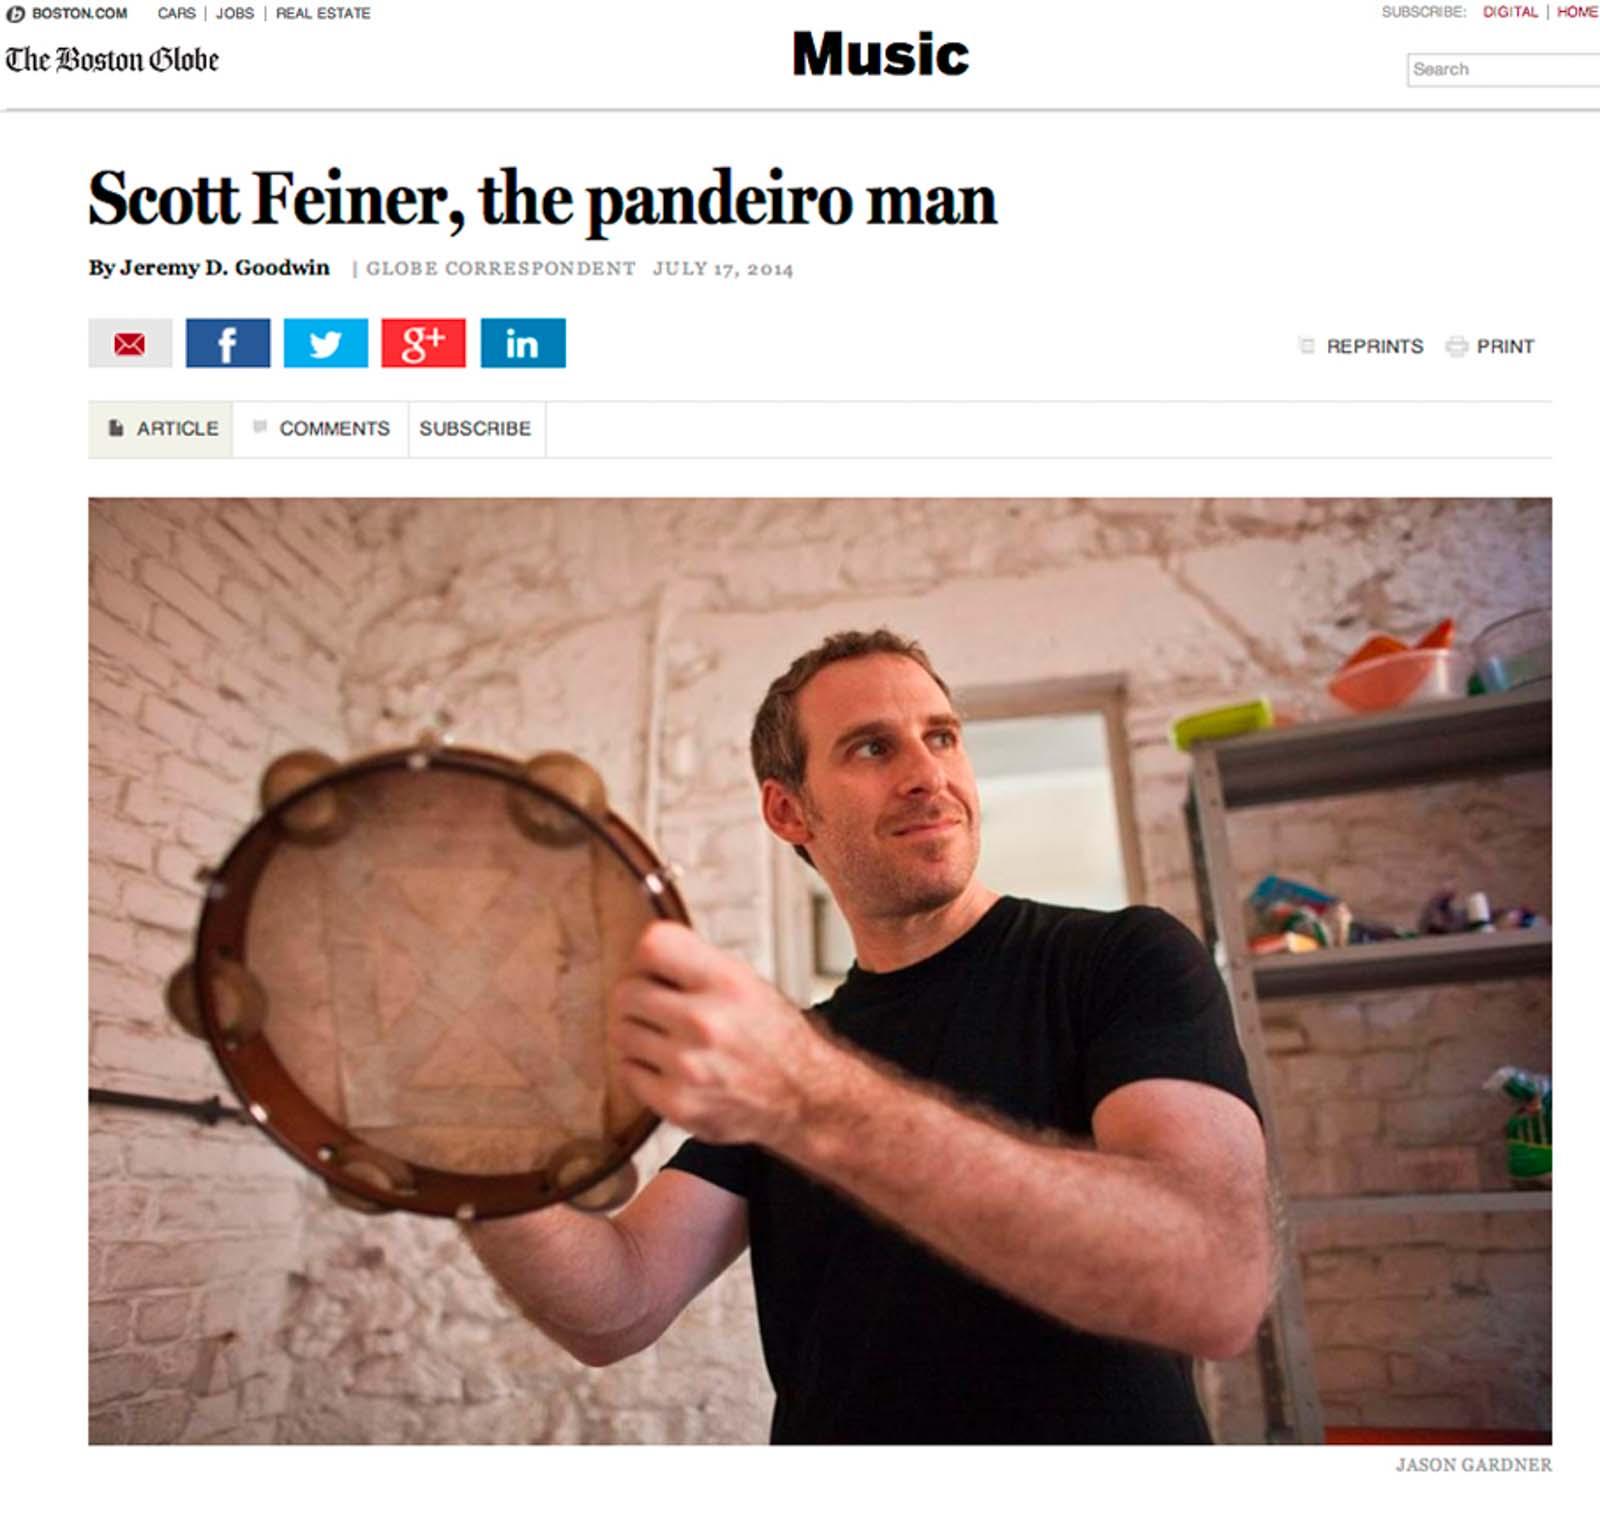 ScottFeiner_BostonGlobe.jpg